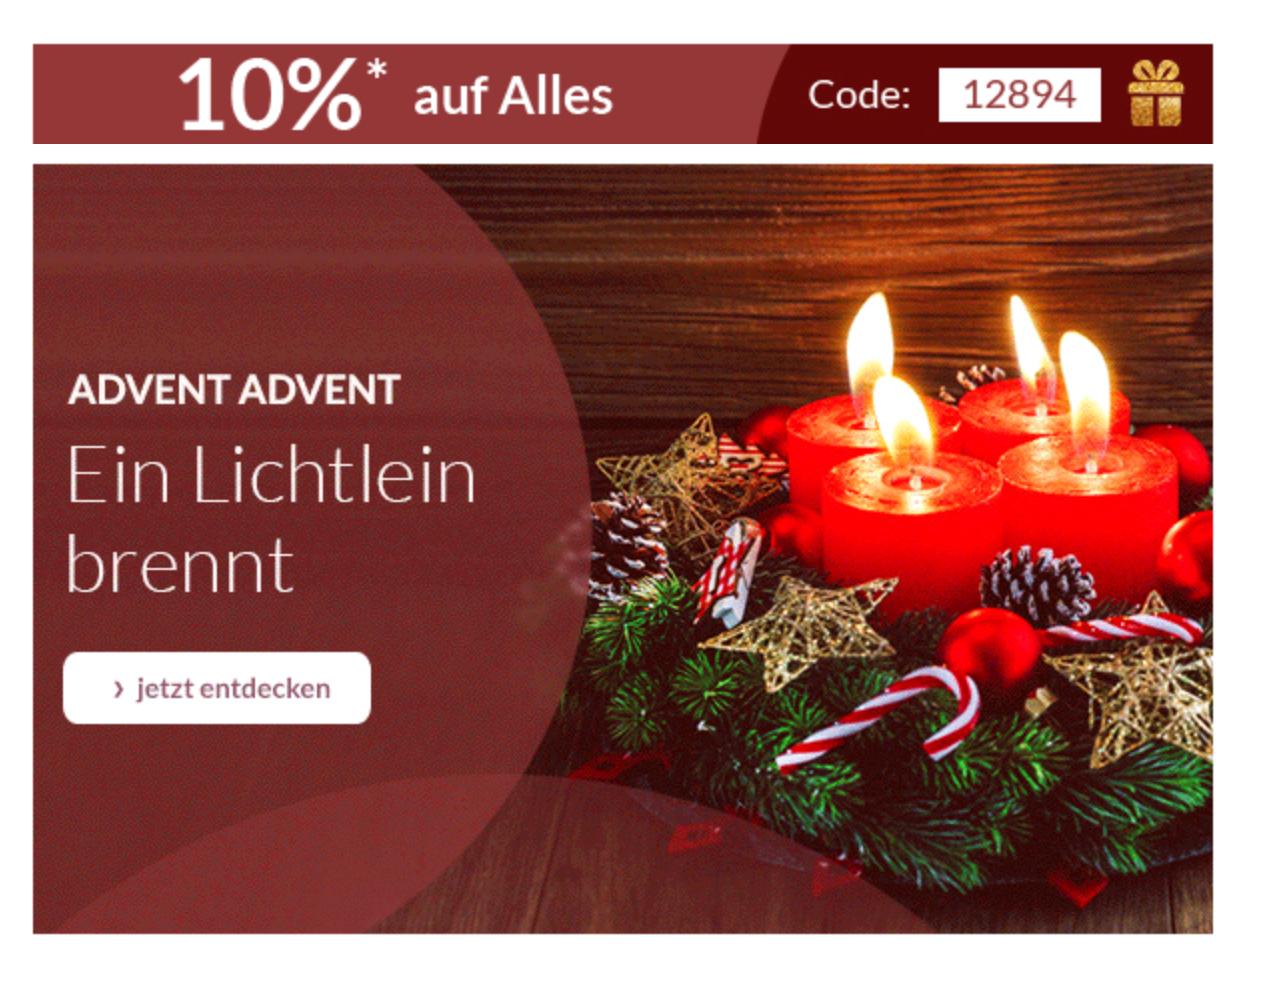 [schwab.de] 10% auf Alles, nur heute zum 4.Advent, auch auf Apple, z.B. iPhone X für 1041 Euro